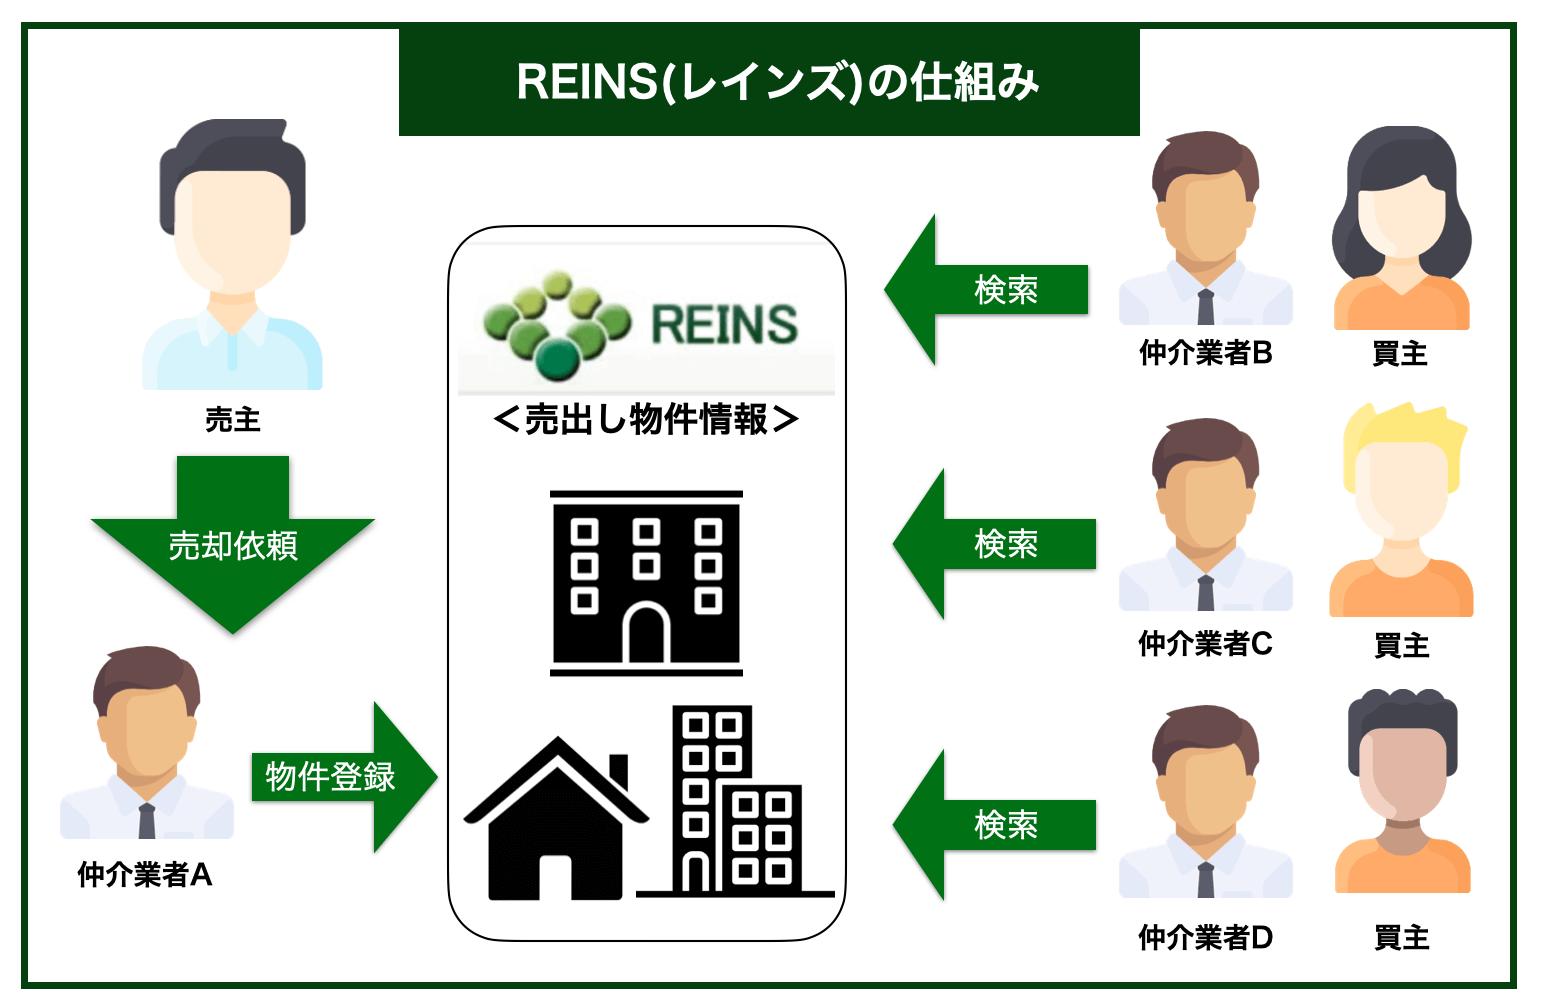 REINS仕組み